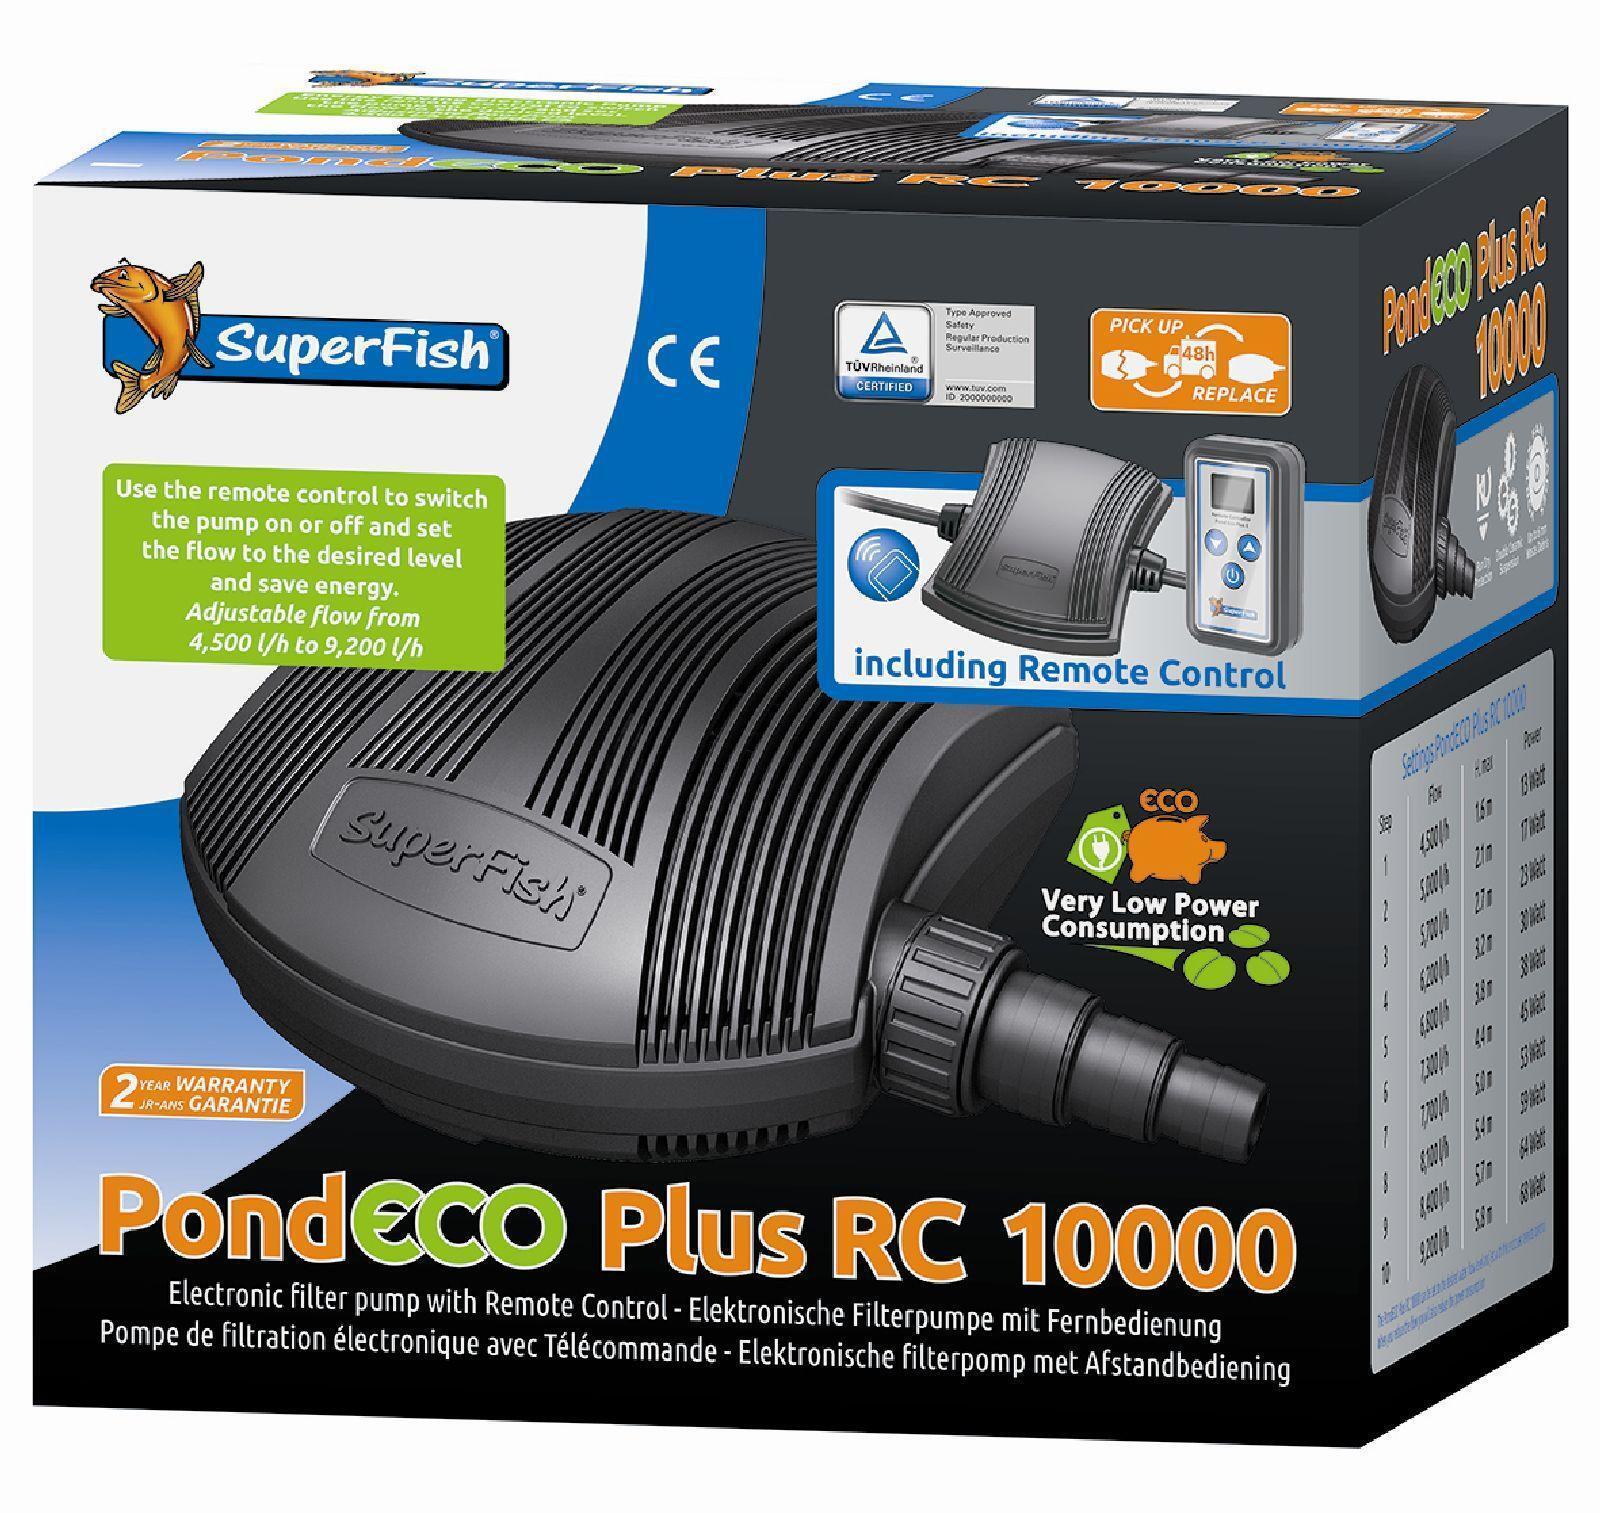 SF Pond ECO Plus RC 10000 filtro e Bach Tapis pompa con telecomando